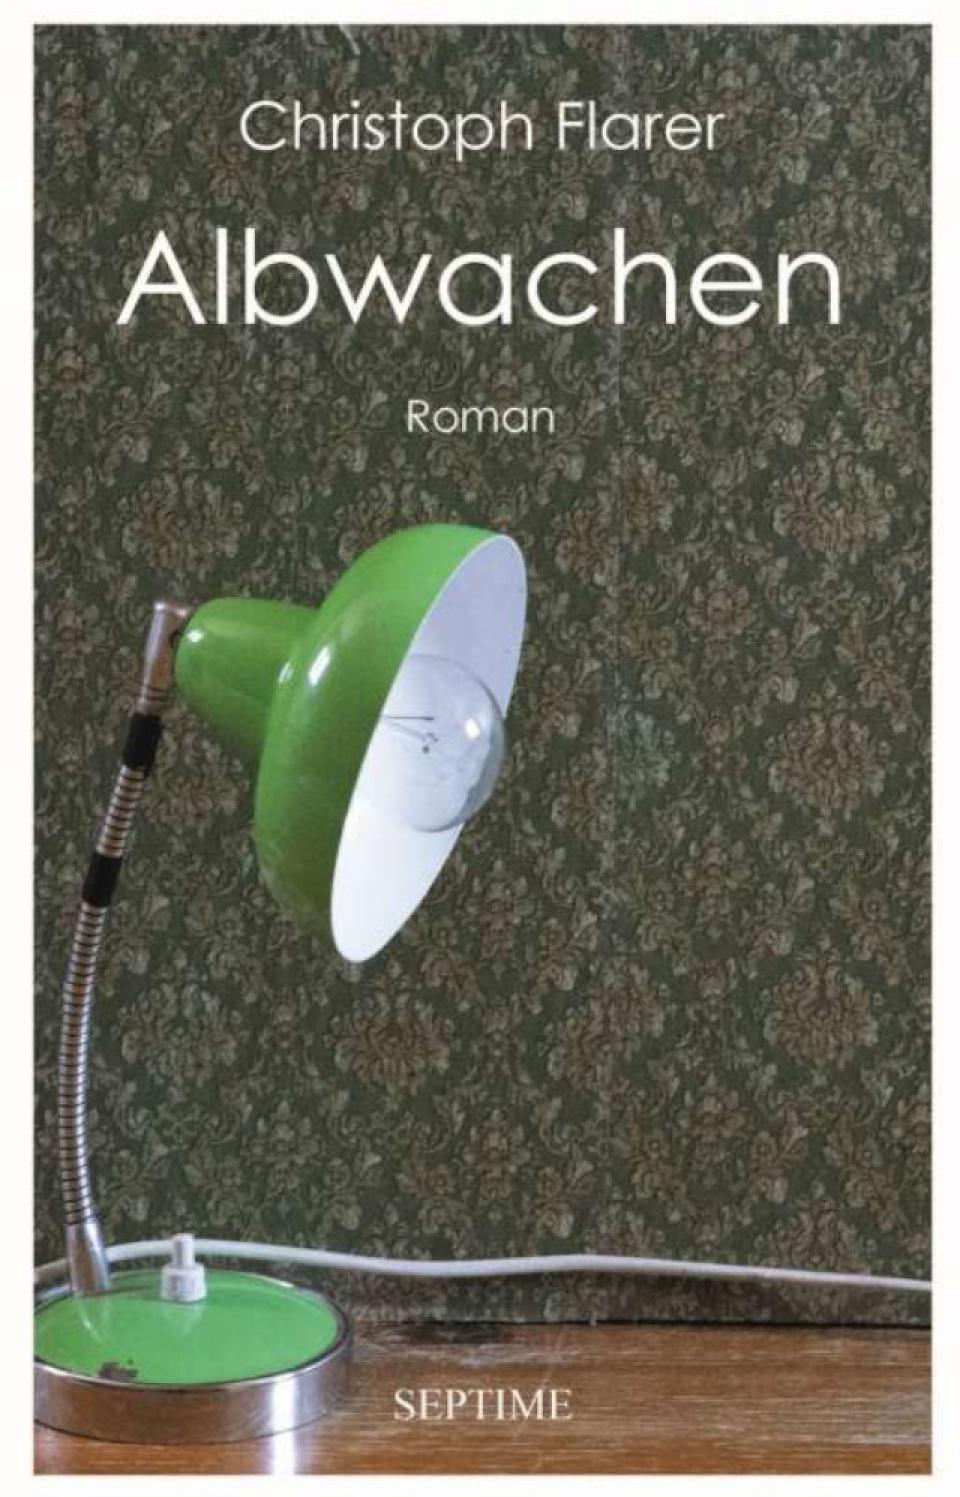 Christoph Flarer - Albwachen, September 2021